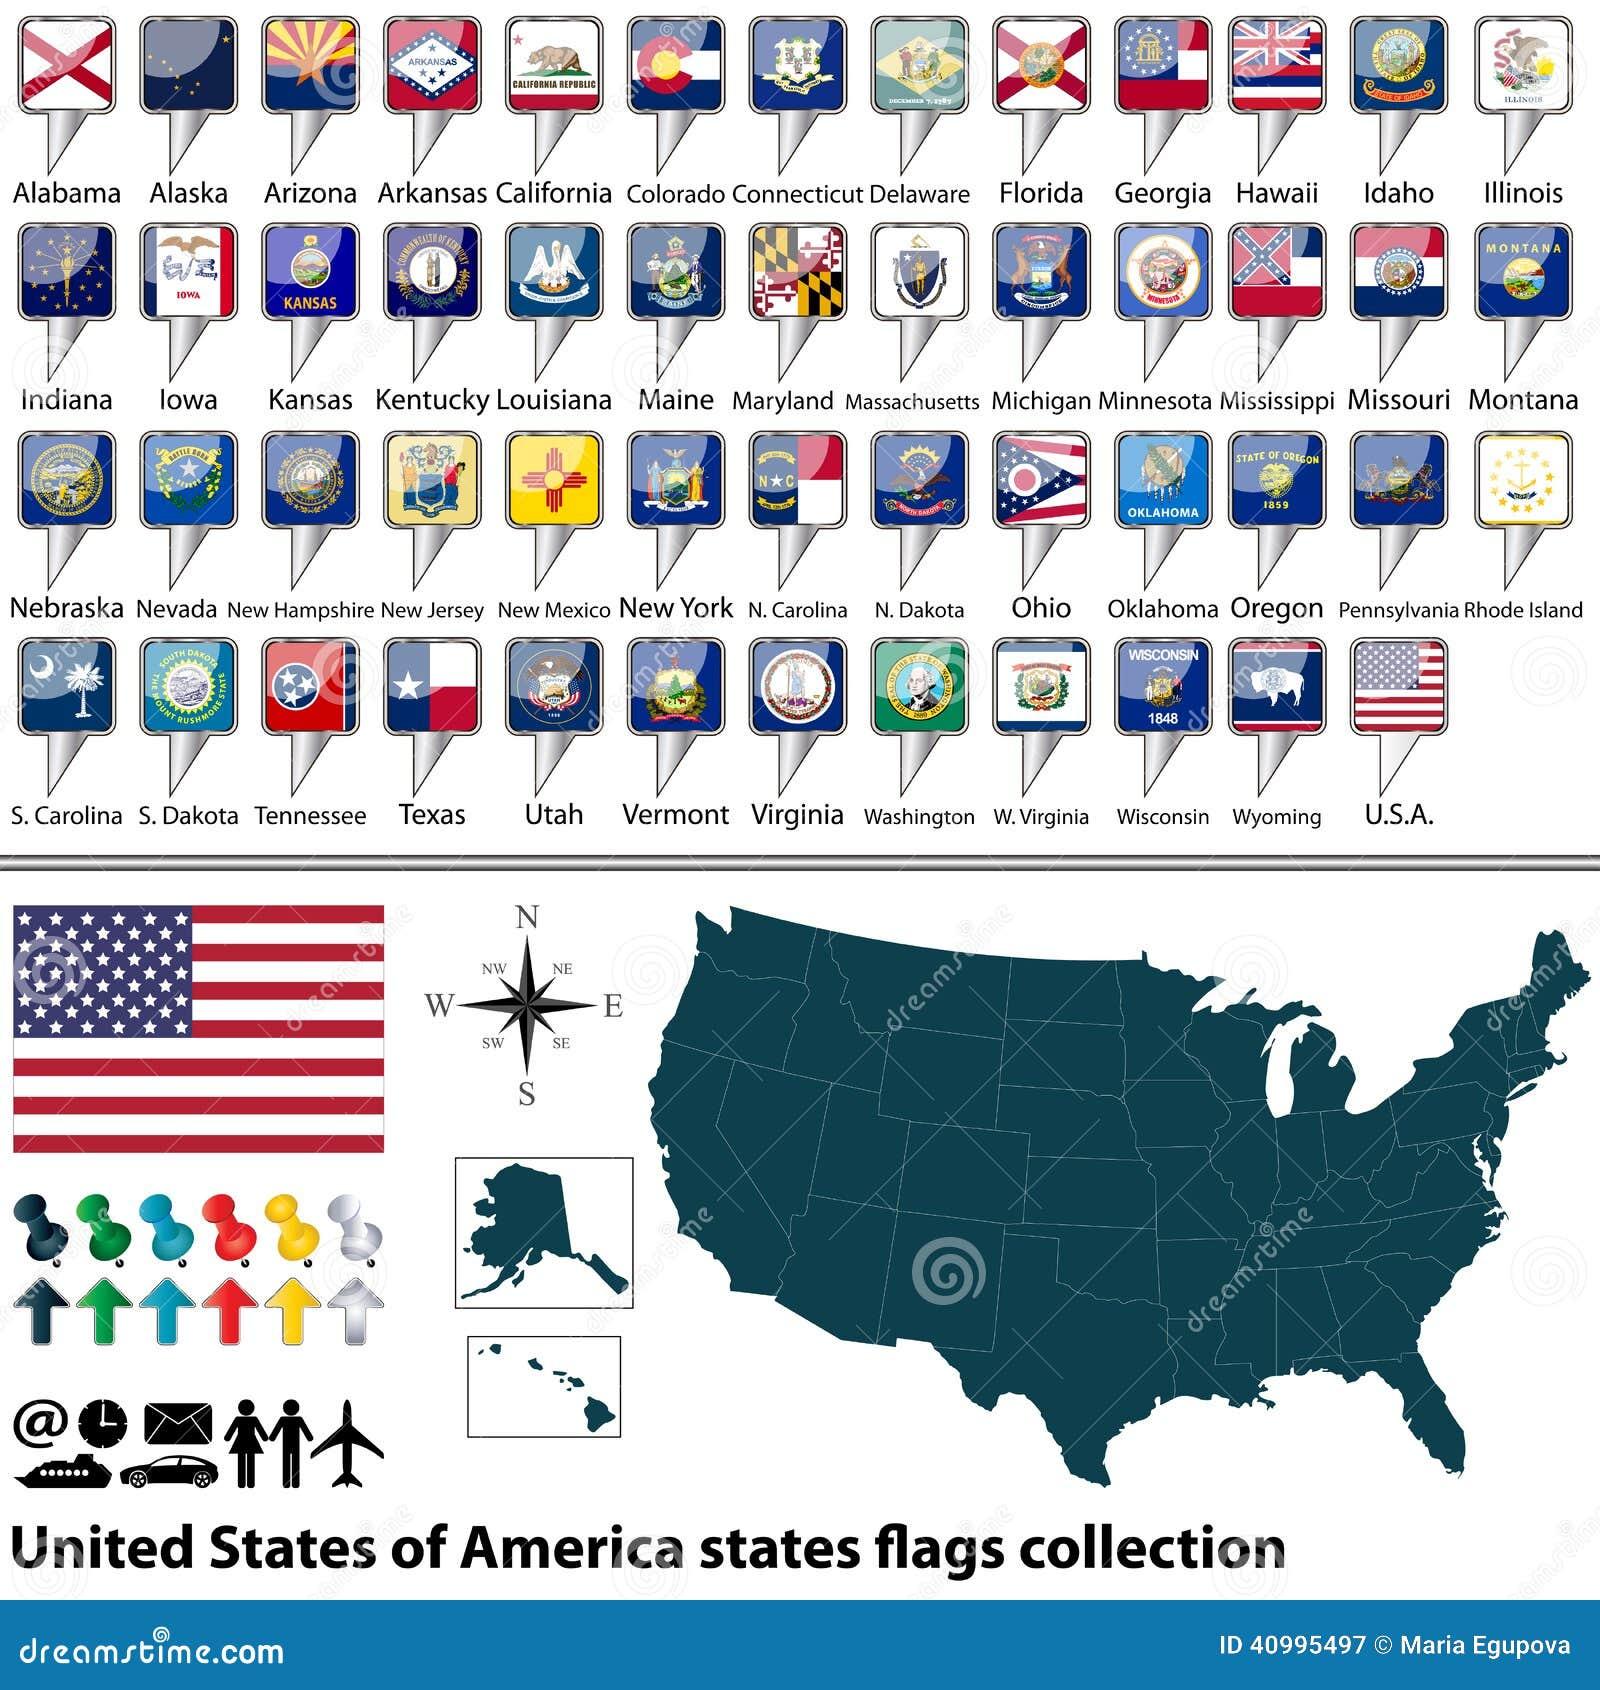 Excepcional Colorear Bandera De Estado De Kansas Colección - Dibujos ...